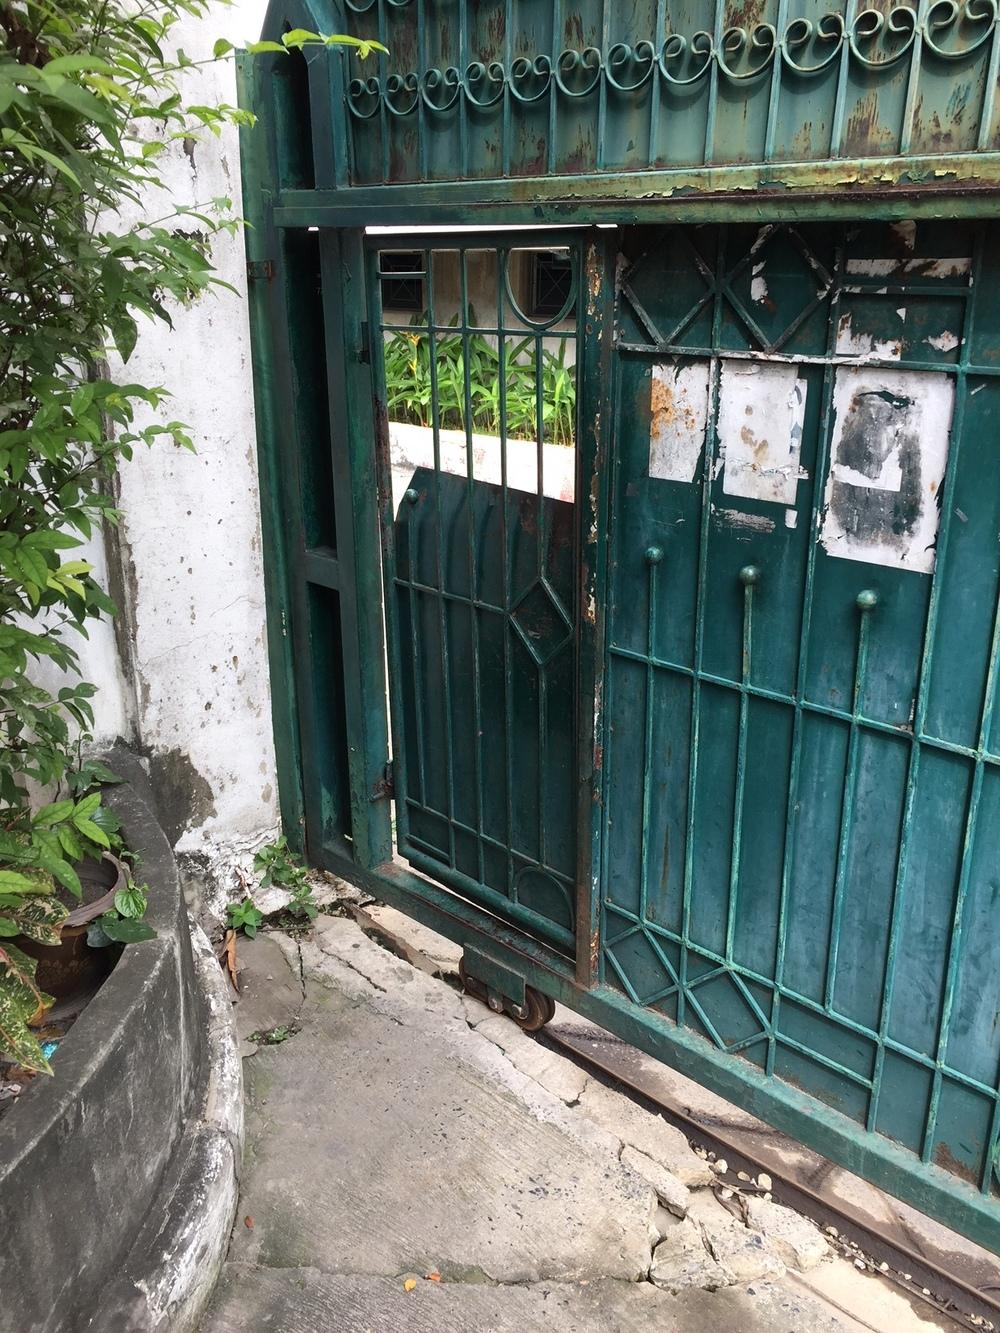 Green Gate (closes at 9pm)